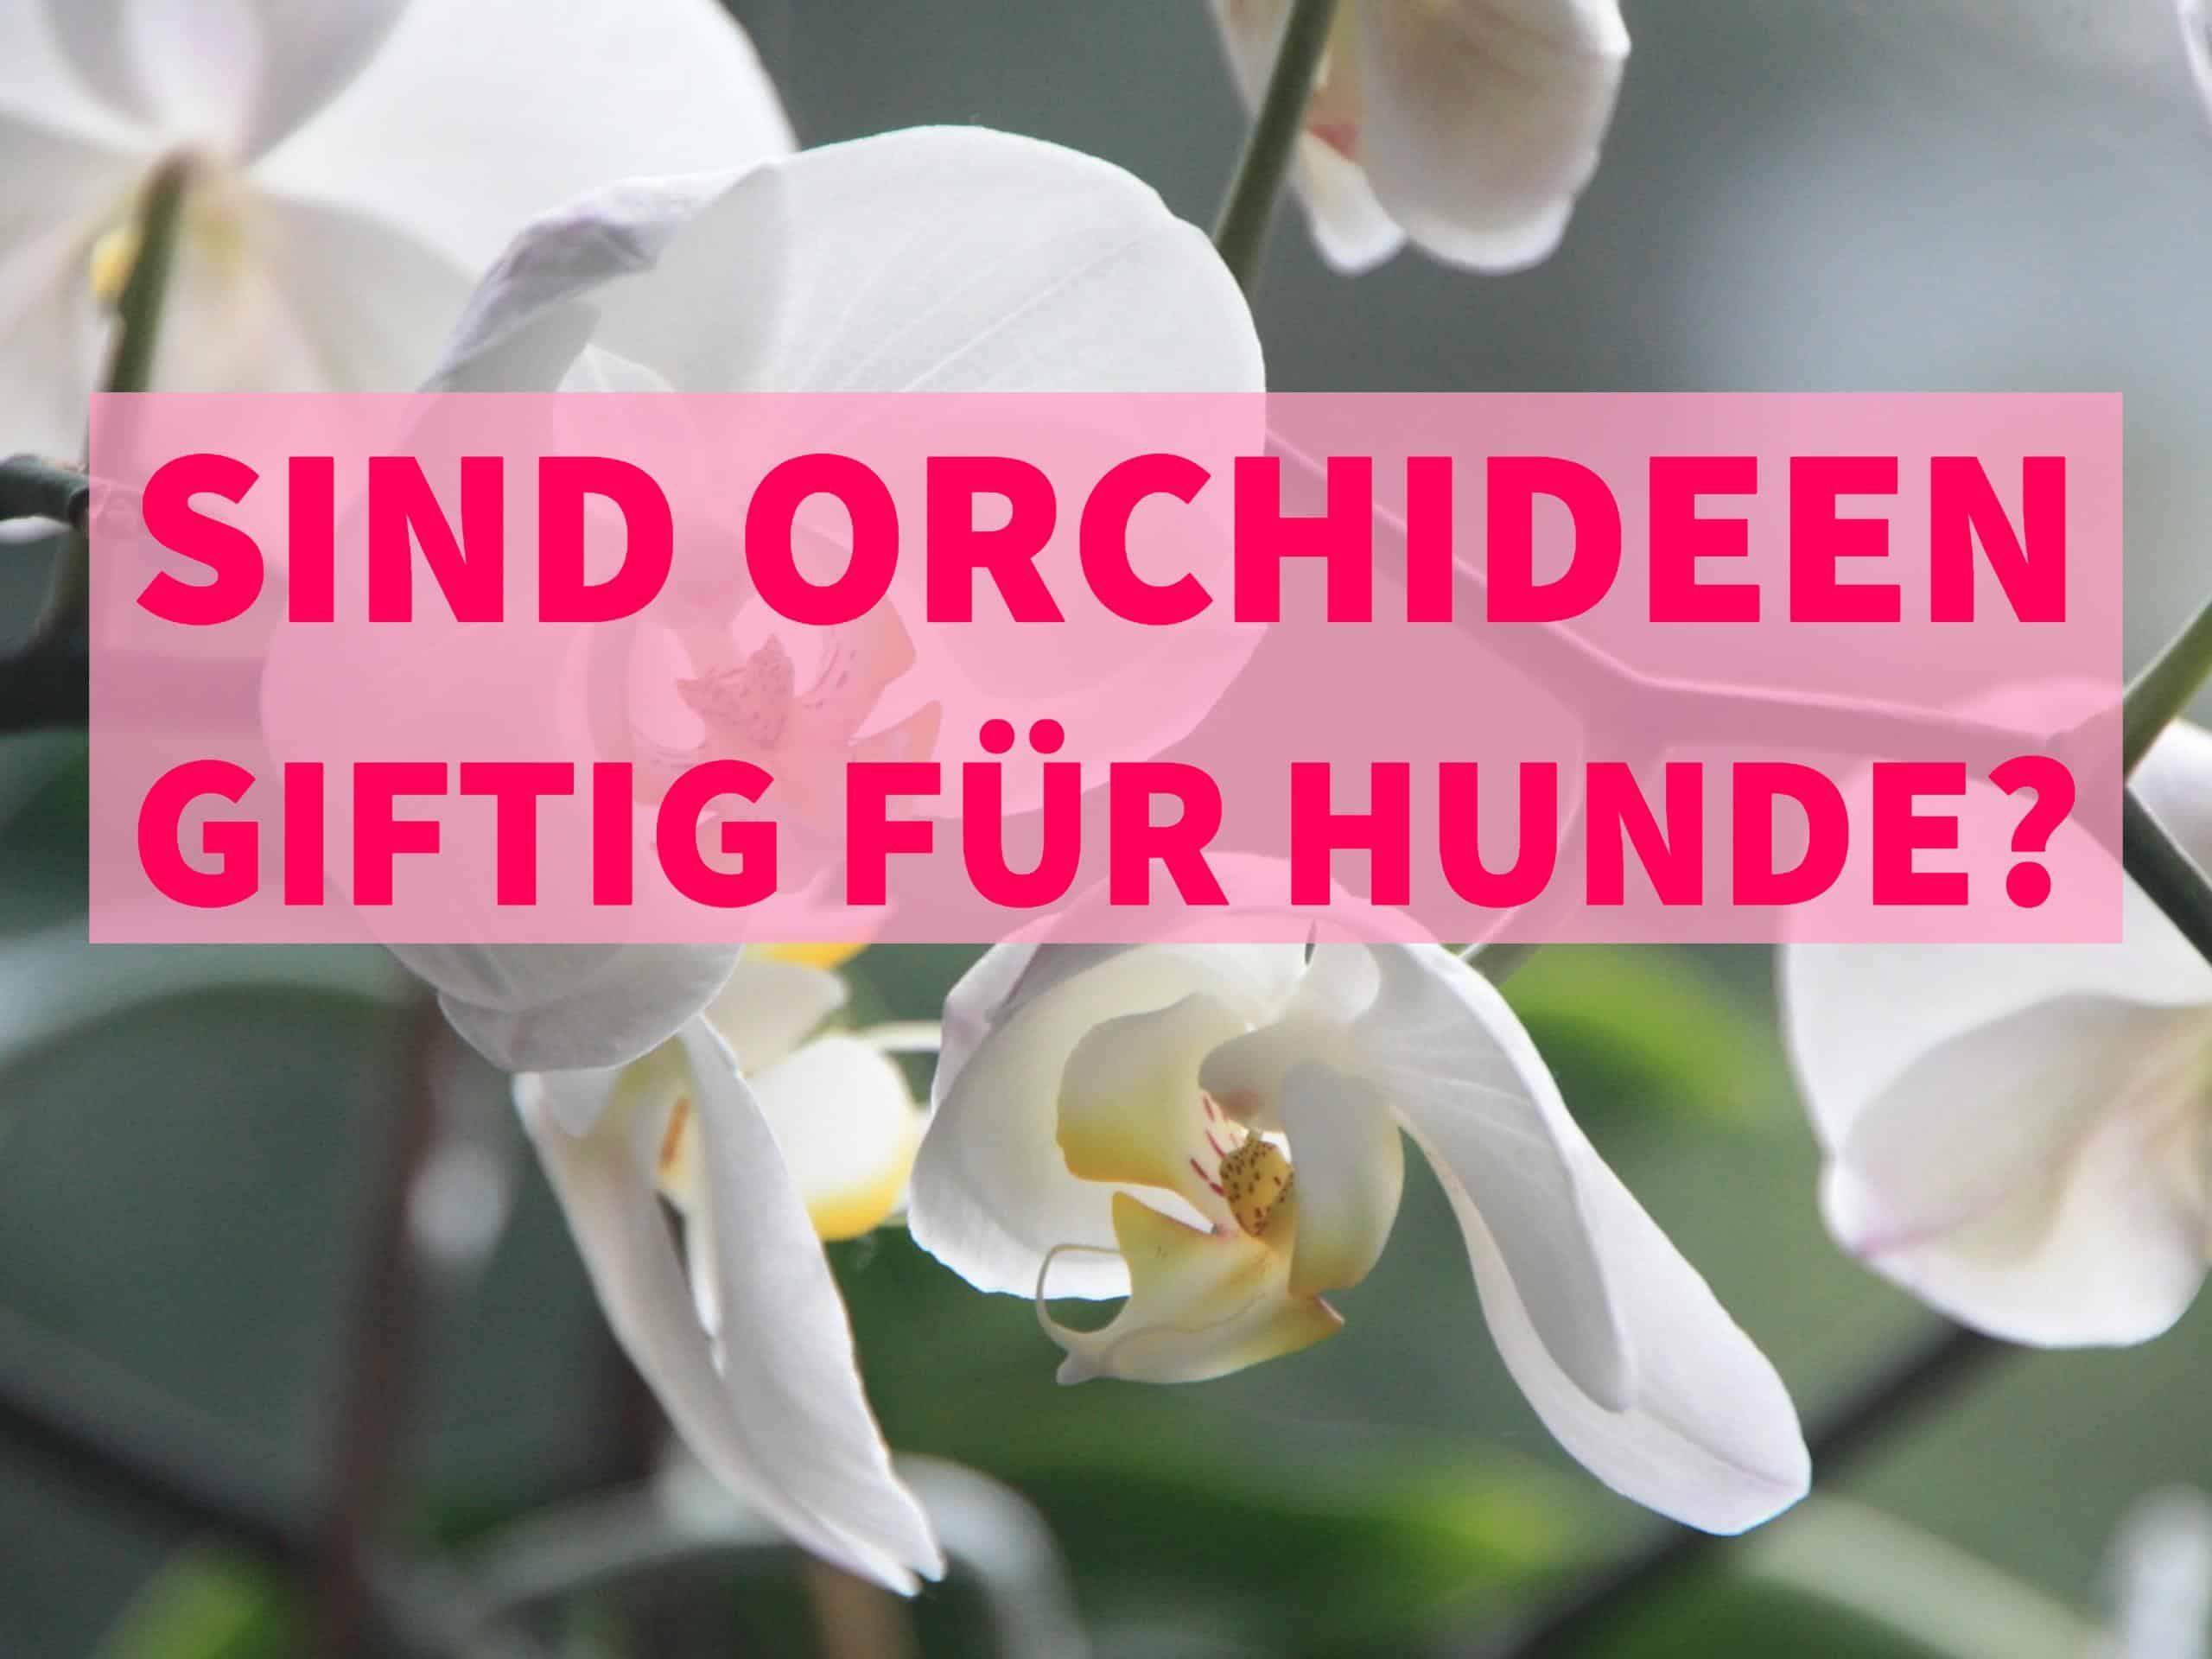 orchideen giftig für hunde